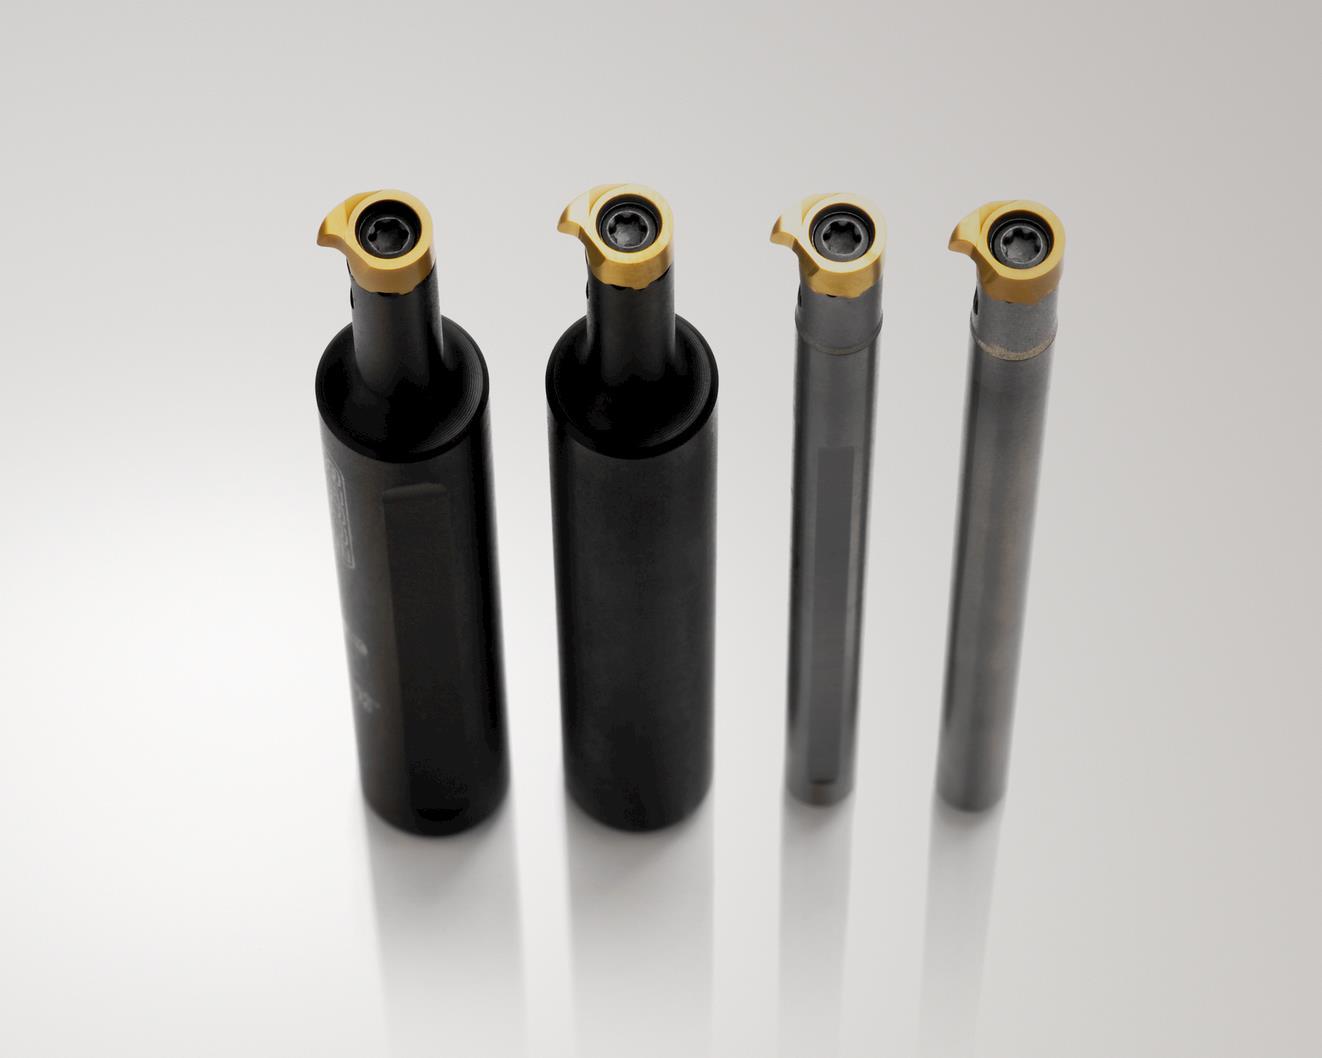 Mini-Shaft - small diameter internal thread Turning